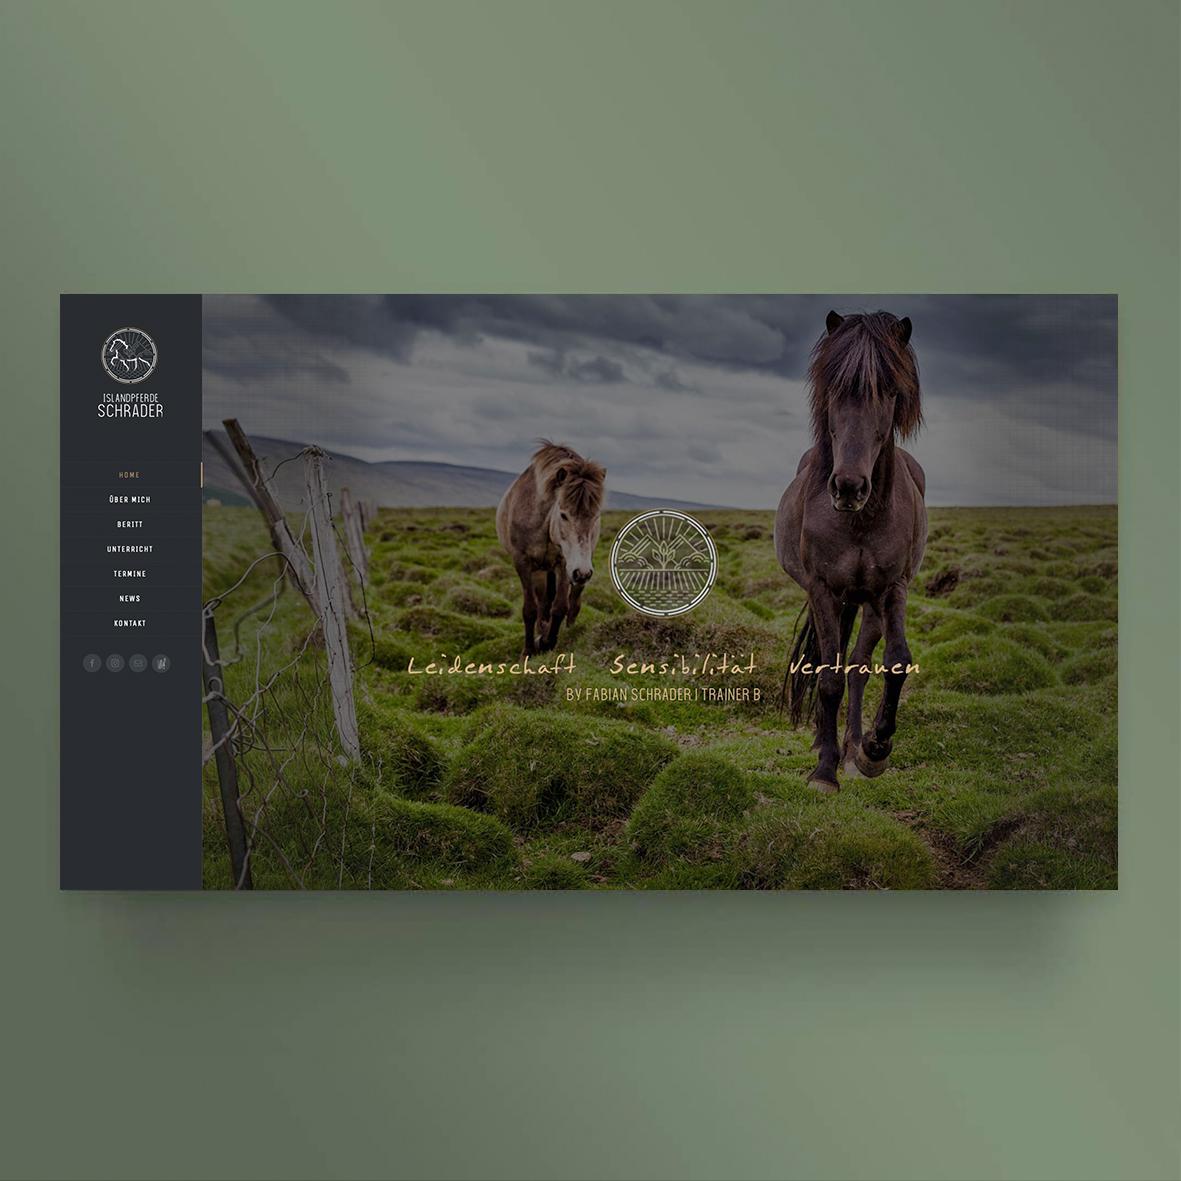 Islandpferde-Schrader-instagram-8